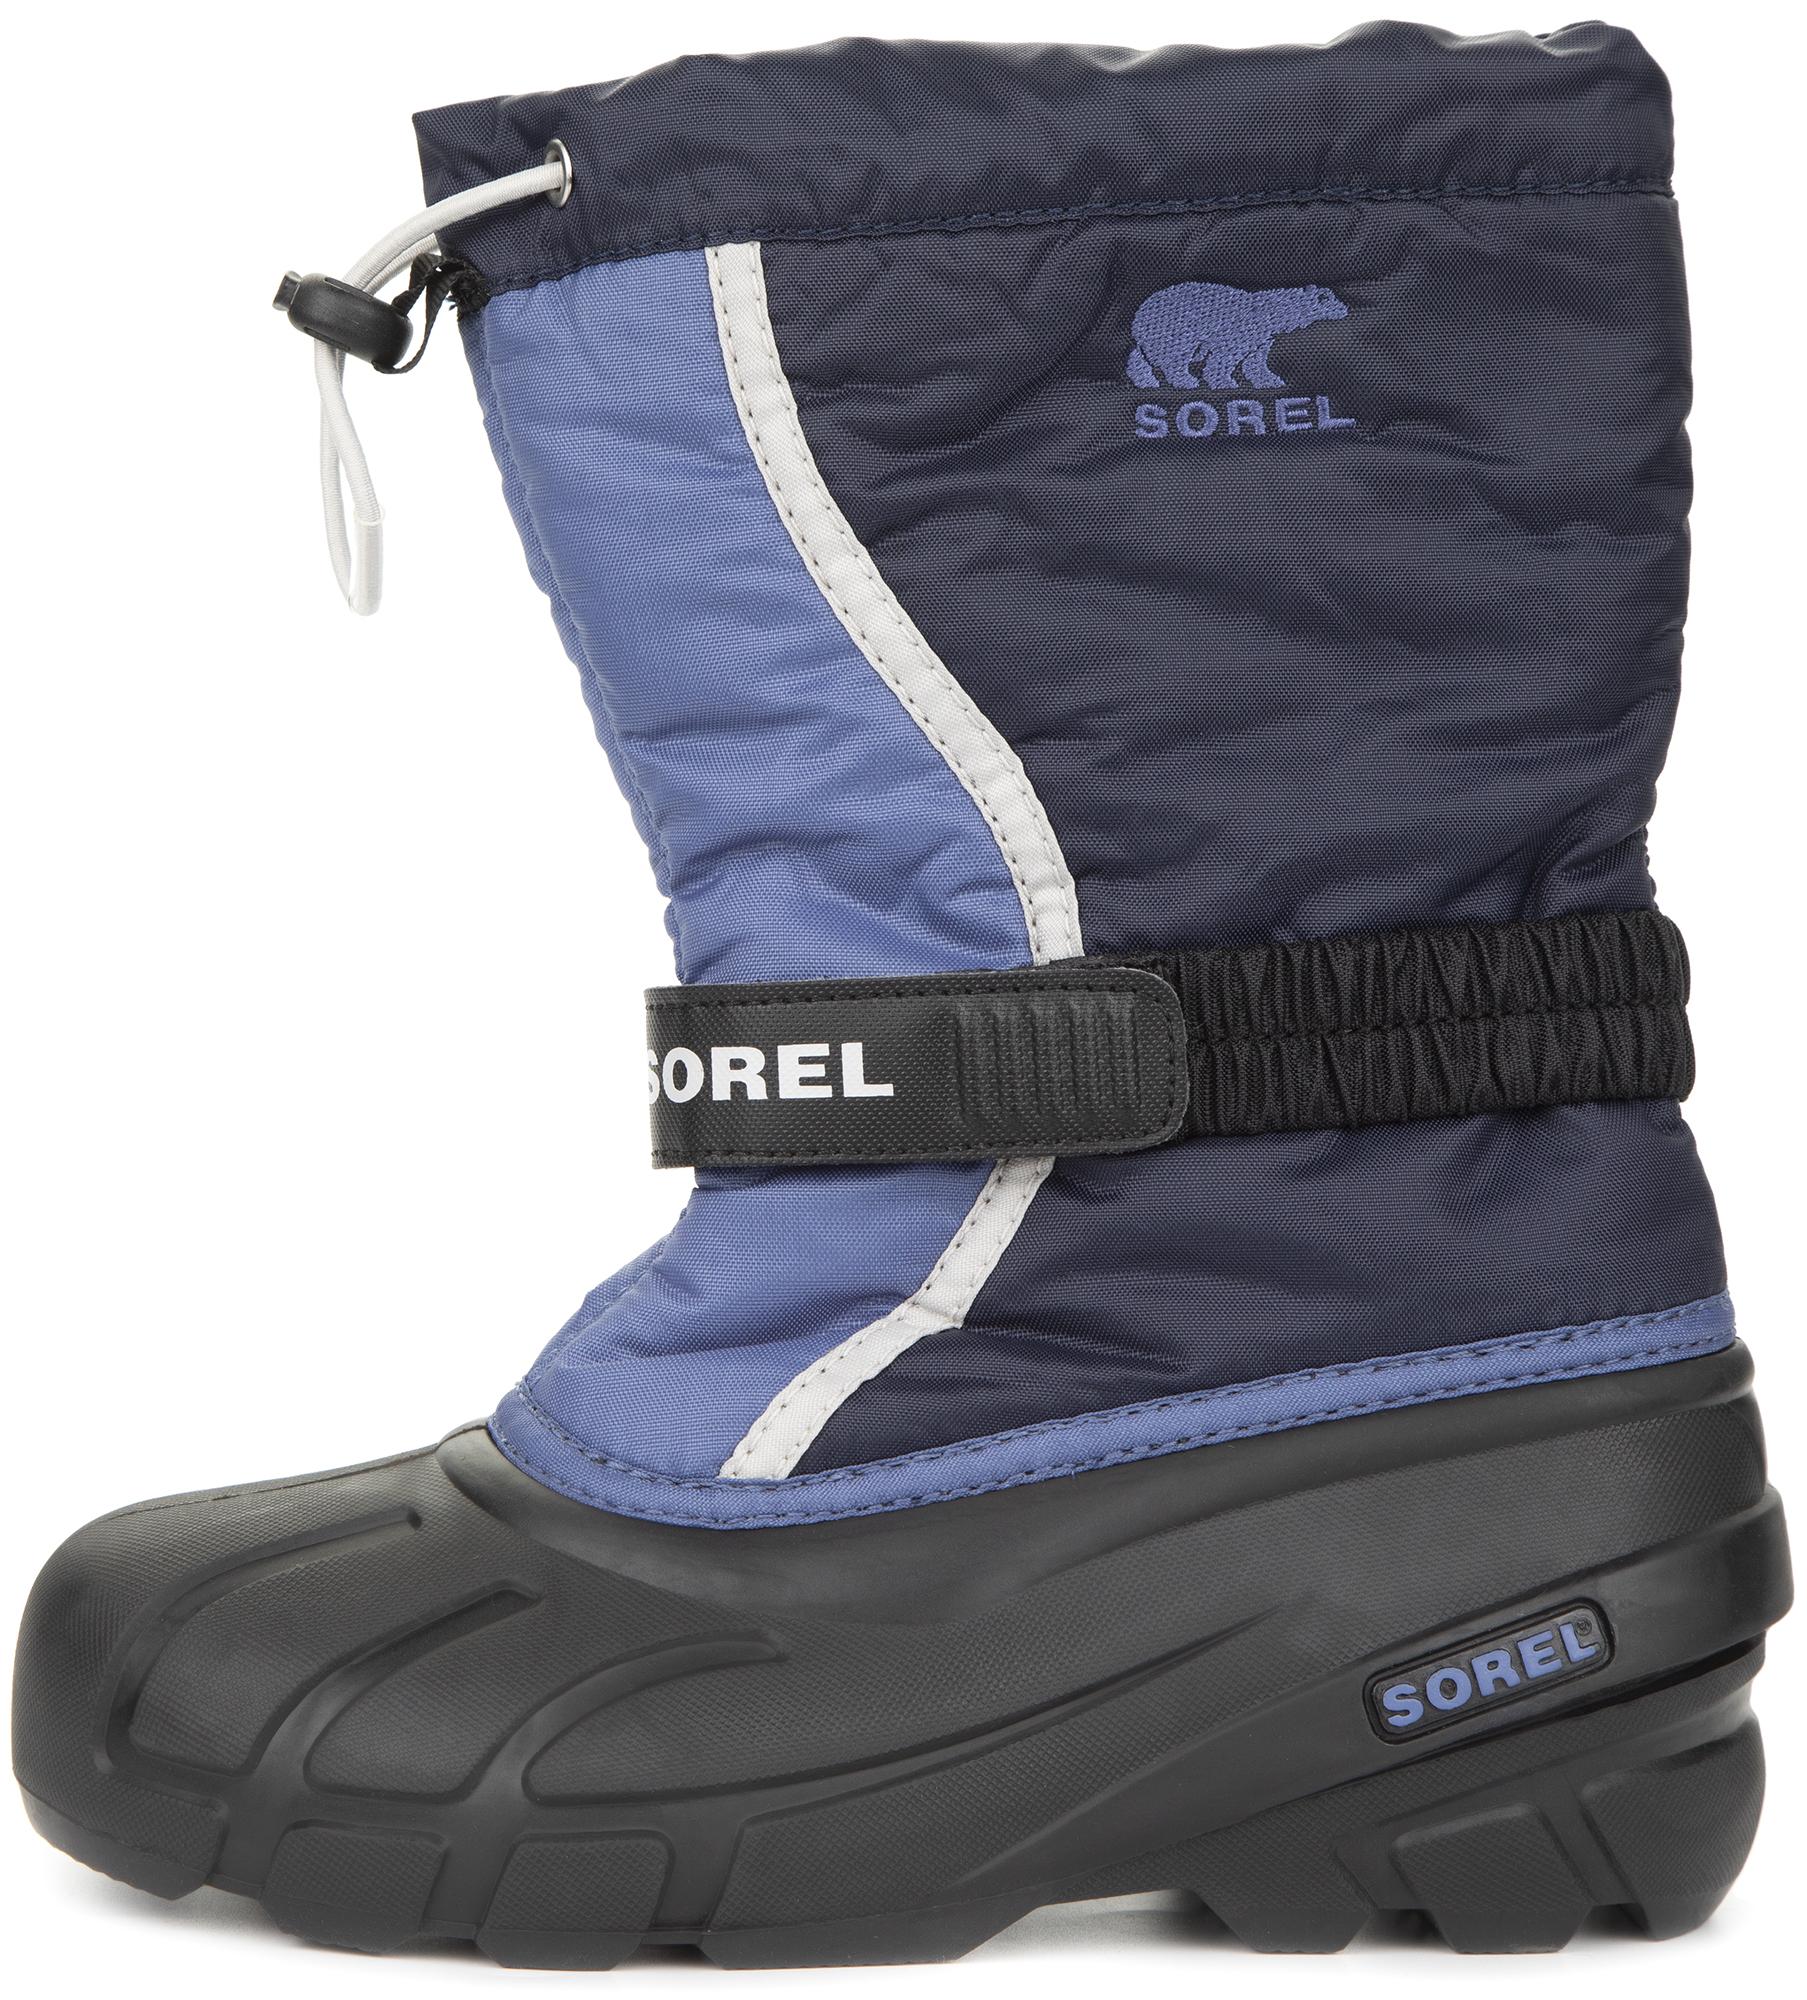 цена на Sorel Сапоги утепленные для мальчиков Sorel Youth Flurry, размер 36